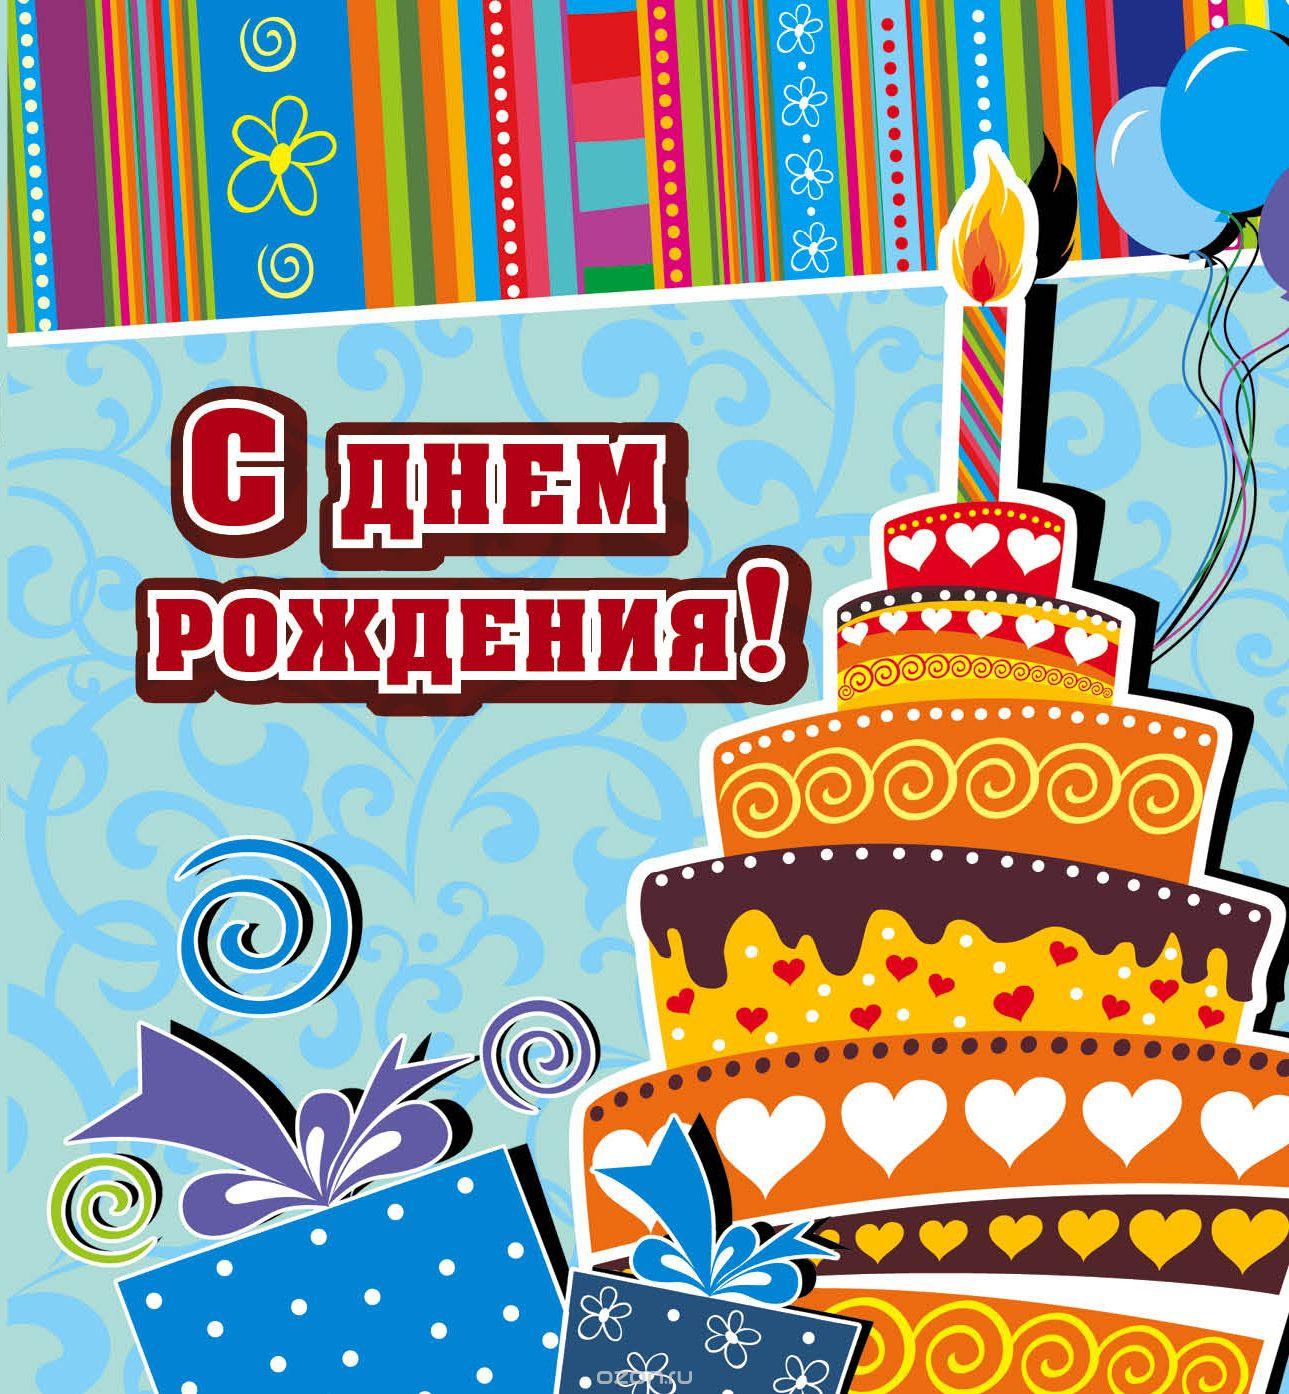 Прибыльные поздравления с днем рождения